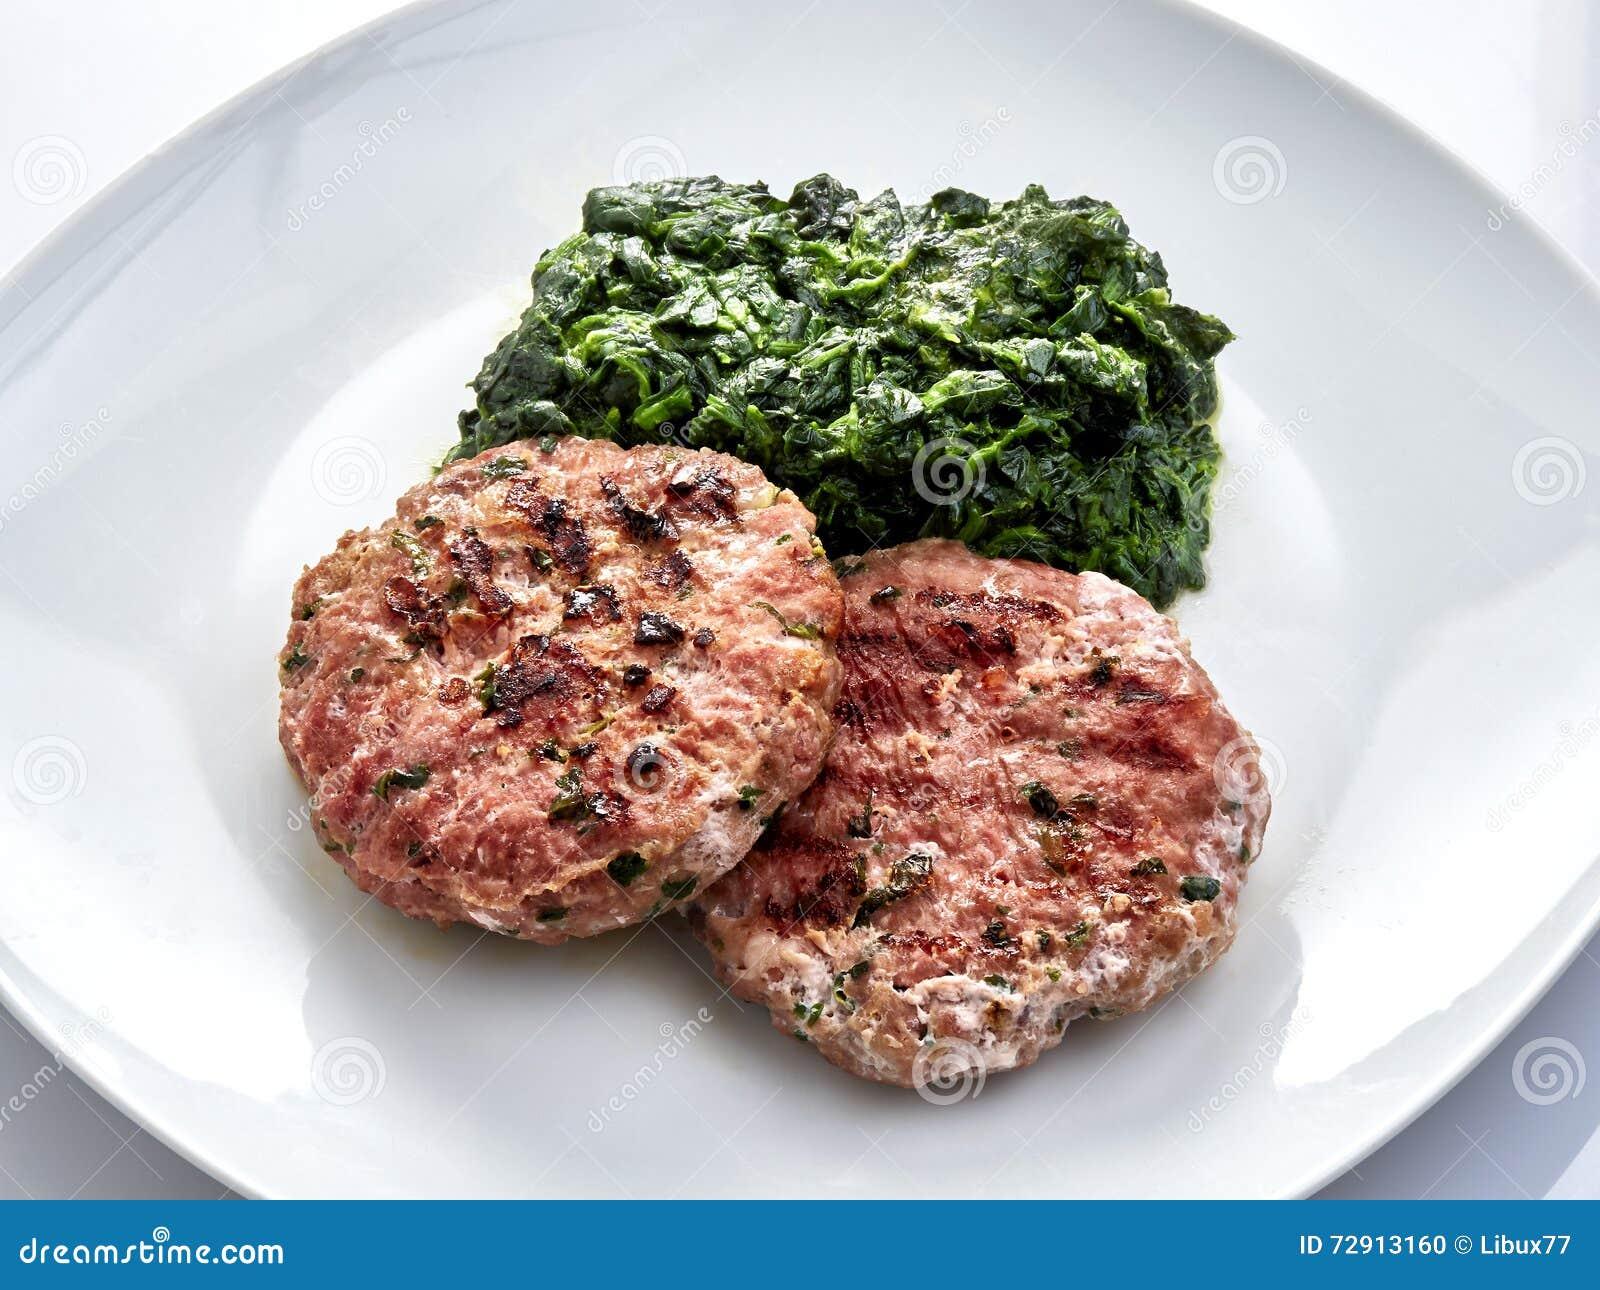 Preferenza Hamburger e spinaci fotografia stock. Immagine di erba - 72913160 KW99